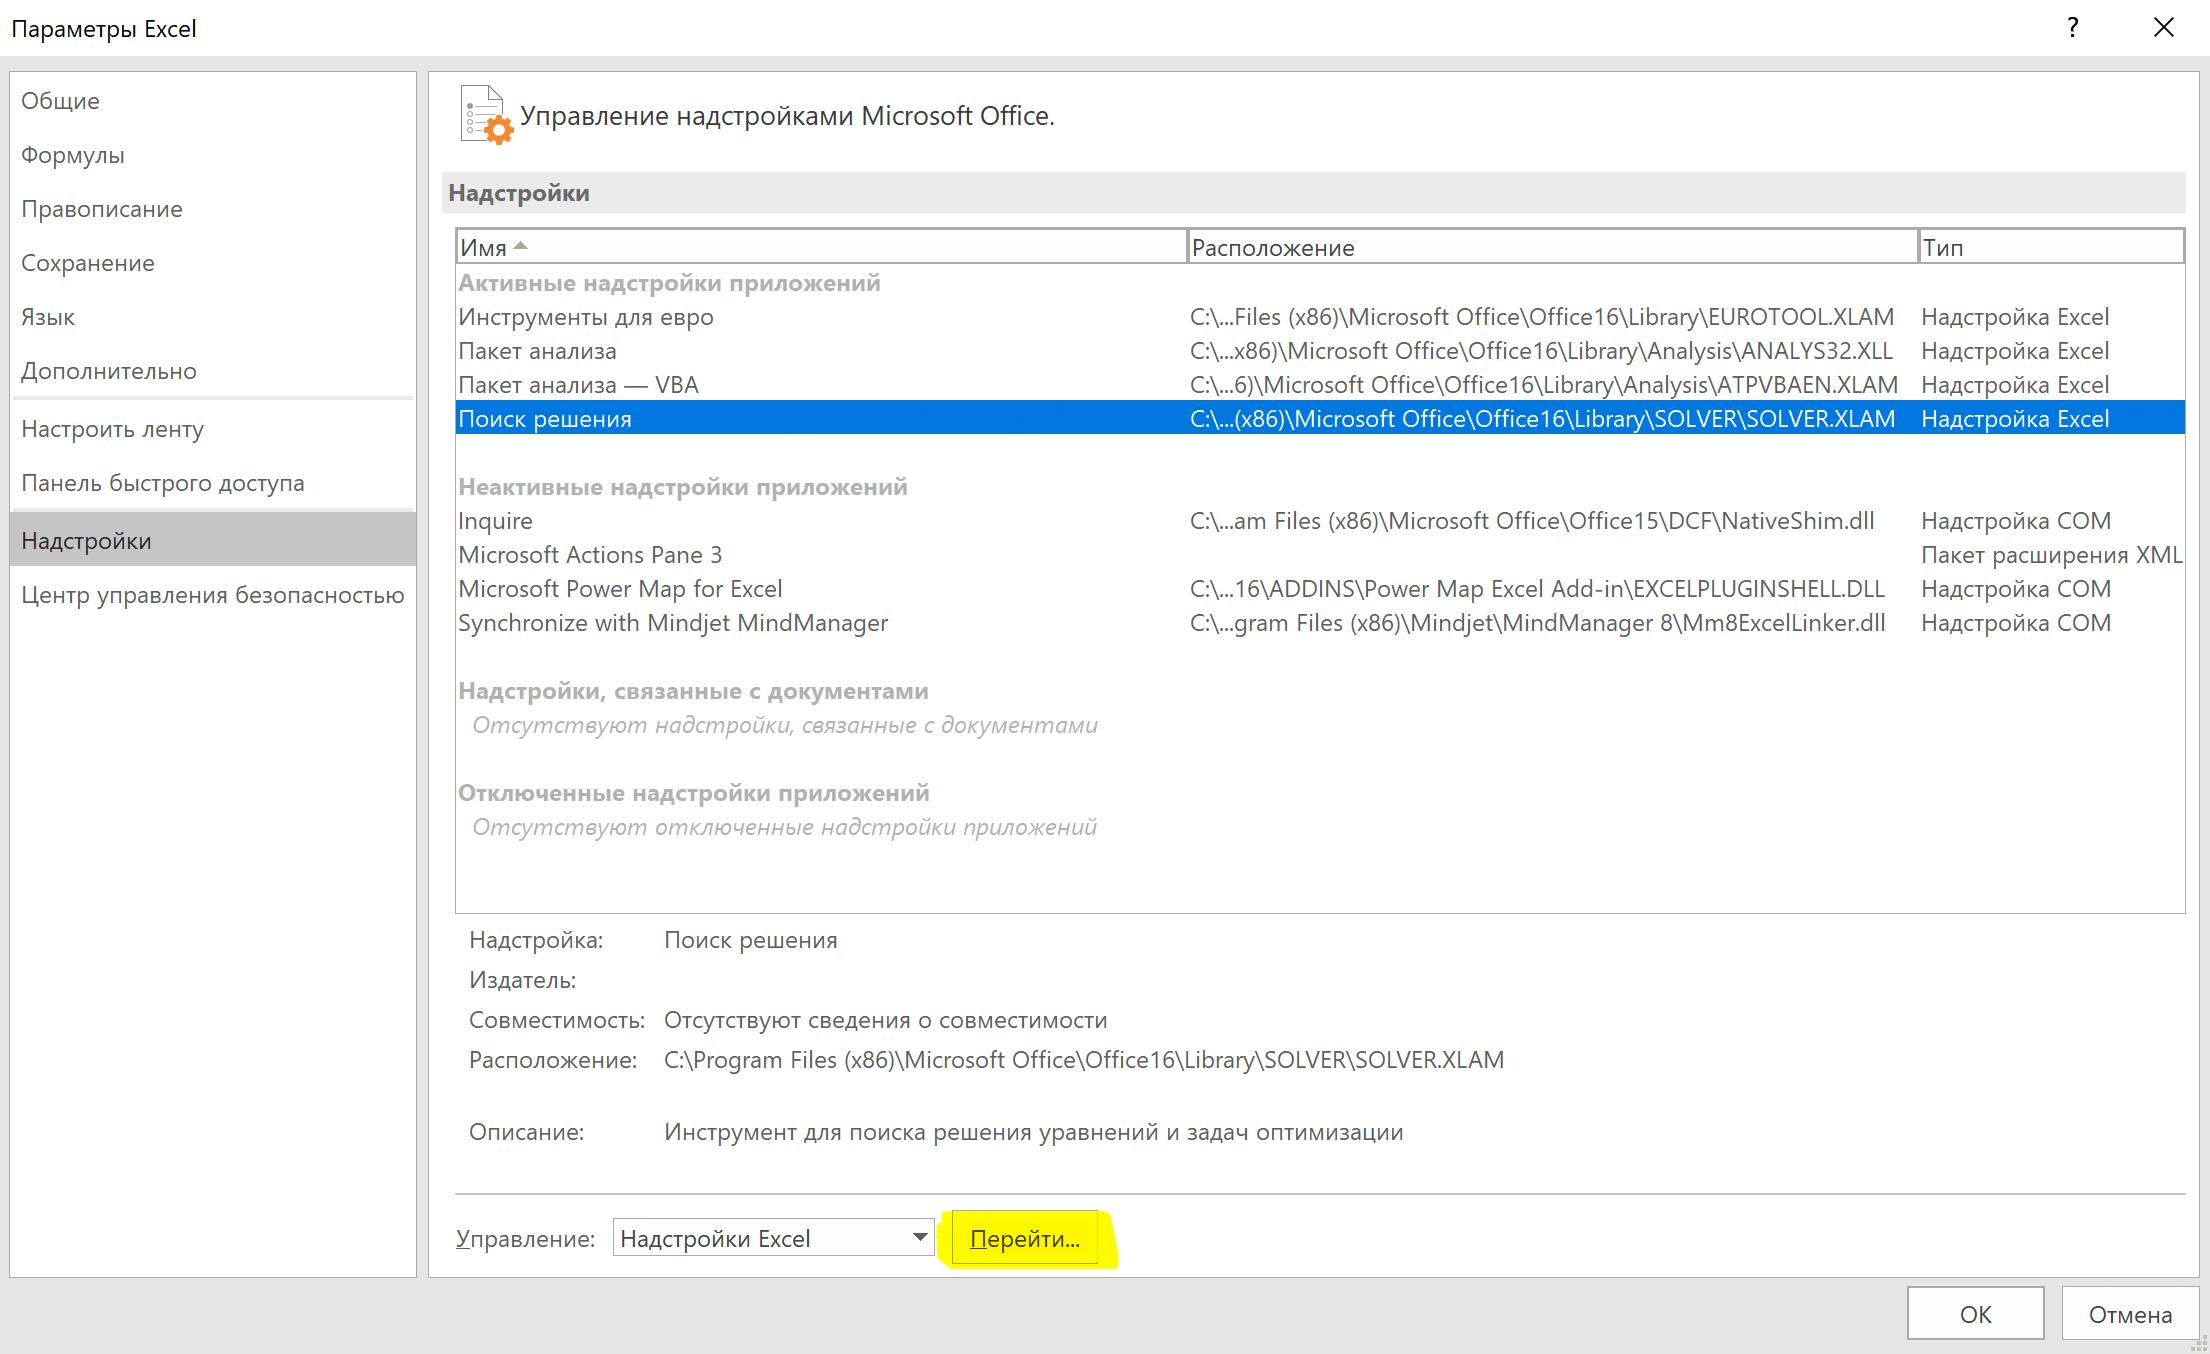 Чтобы добавить модуль, выберите пункт «Поиск решения» и нажмите «Перейти» внизу